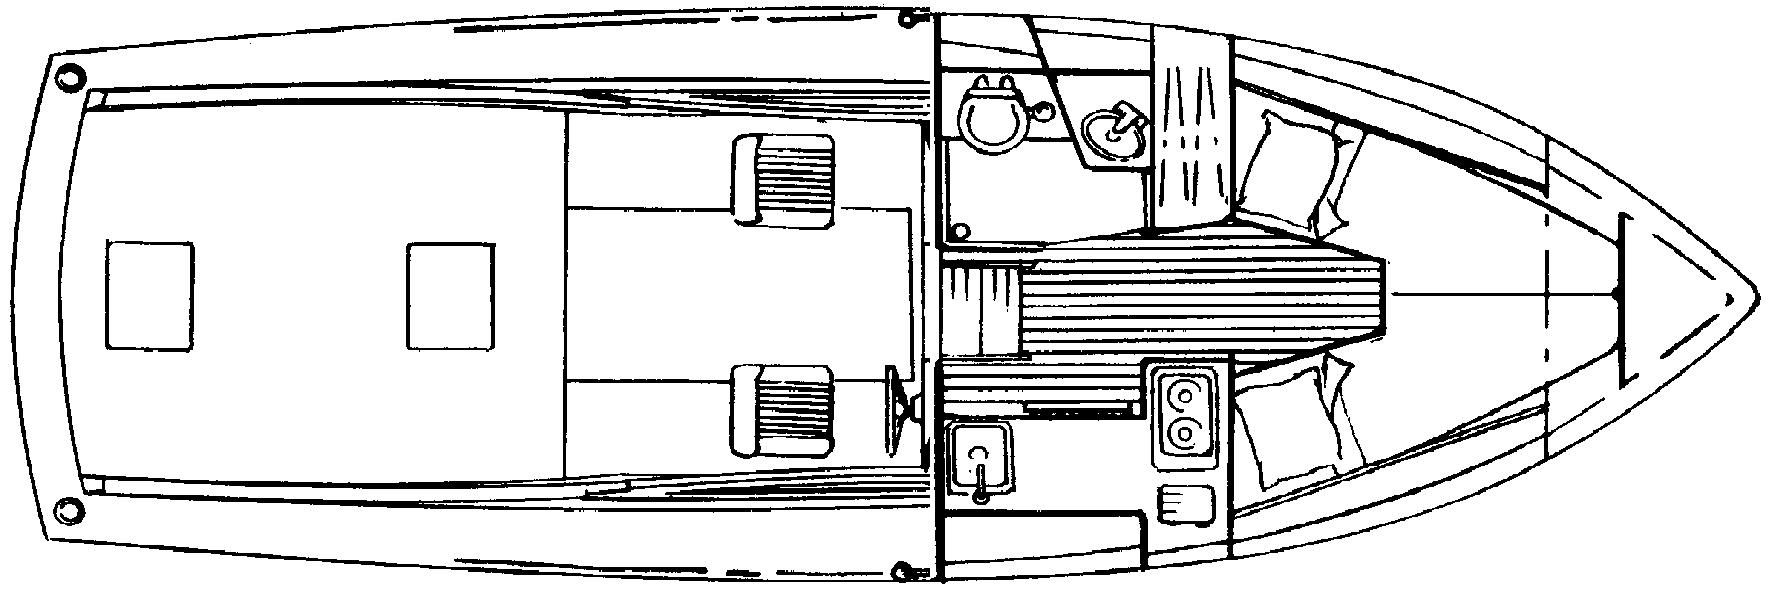 28 Open Fisherman Floor Plan 1